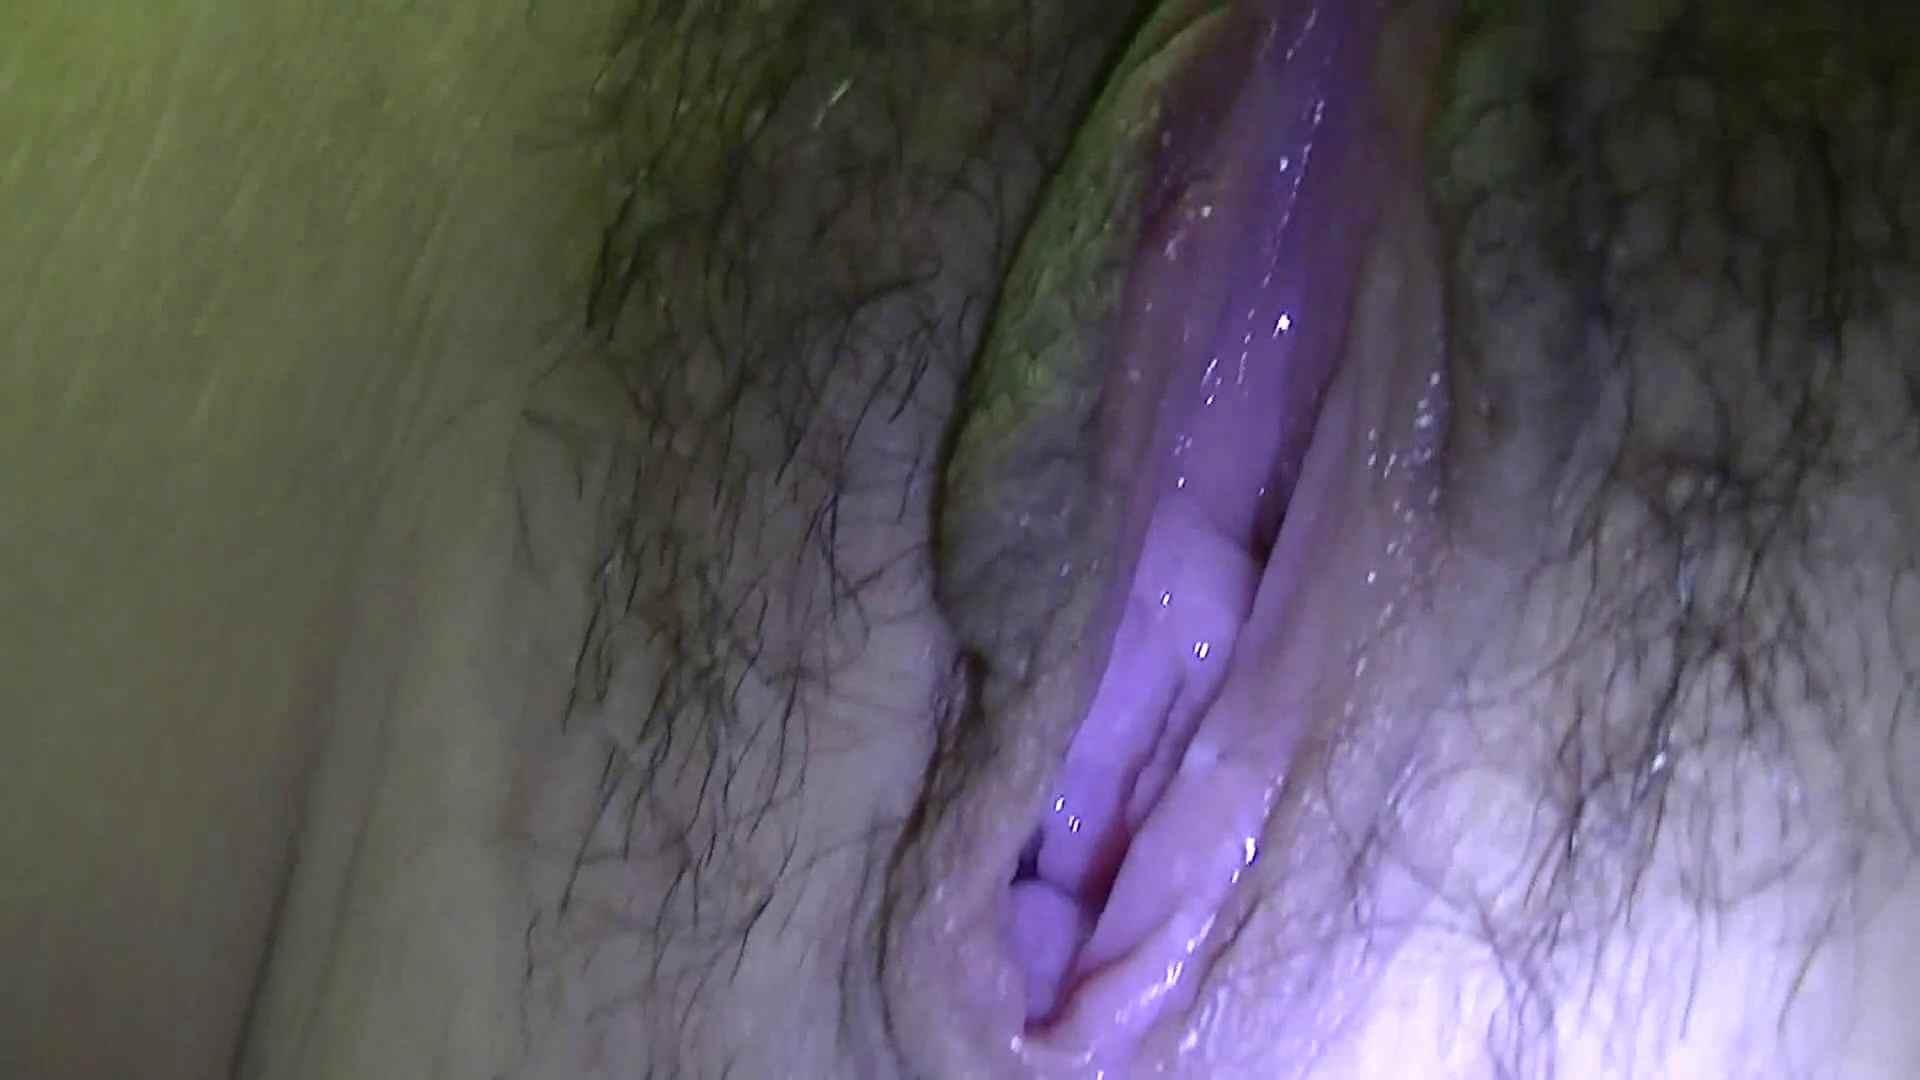 衝撃 半開きの目はガチです。 影 対 新妻裕香 いじくり 隠し撮りオマンコ動画紹介 83連発 75